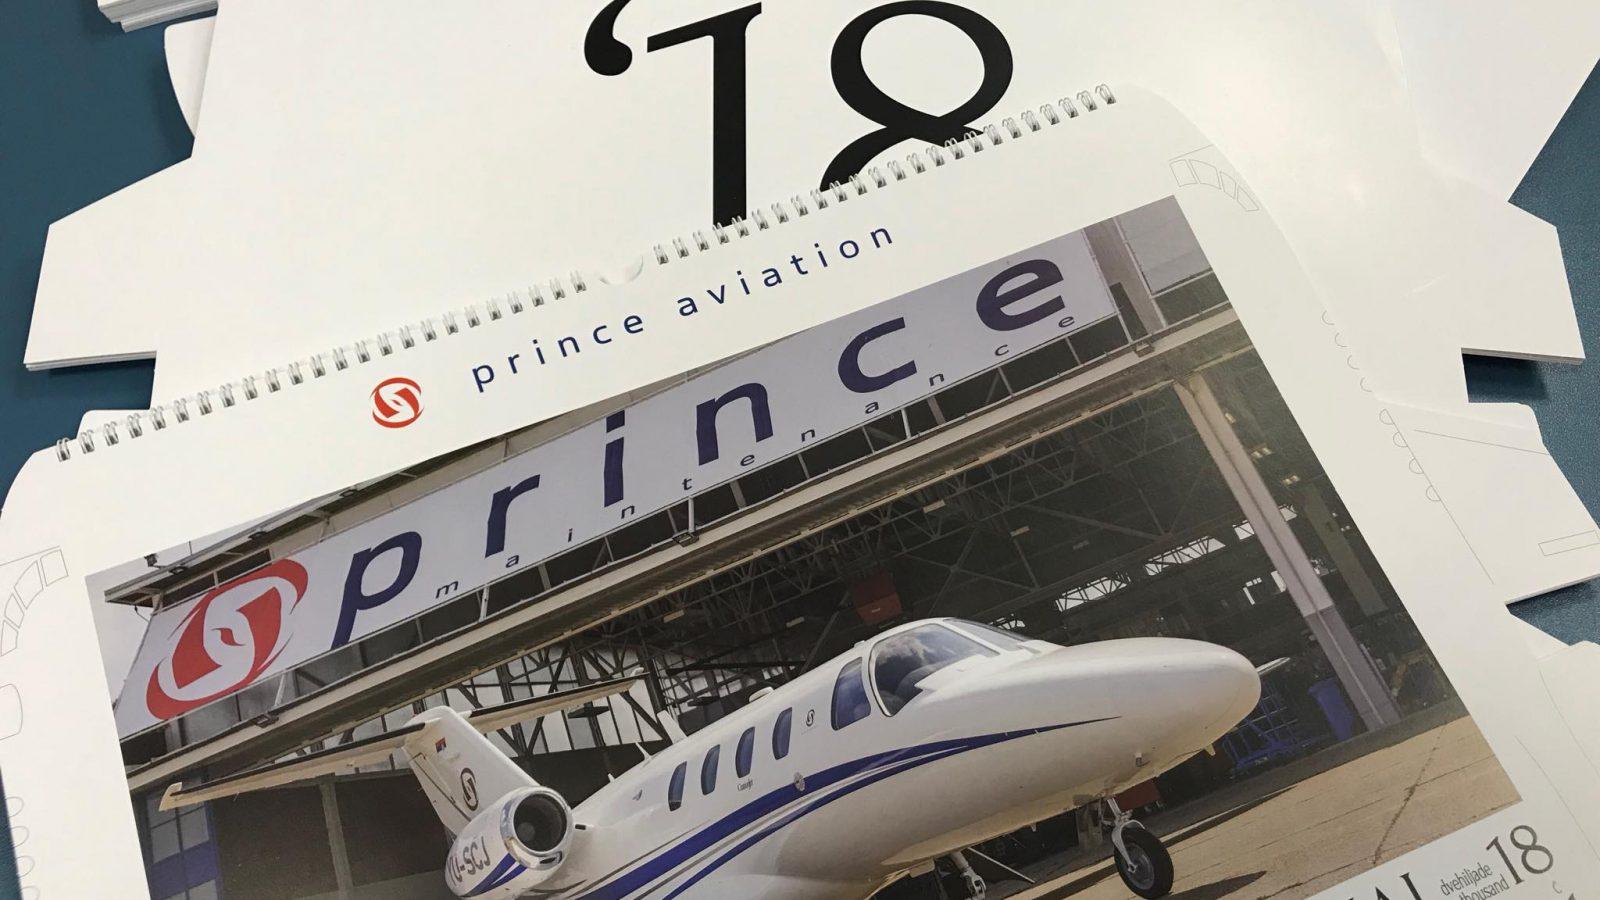 Tango Six deli kalendare za 2018. godinu – Prince Aviation